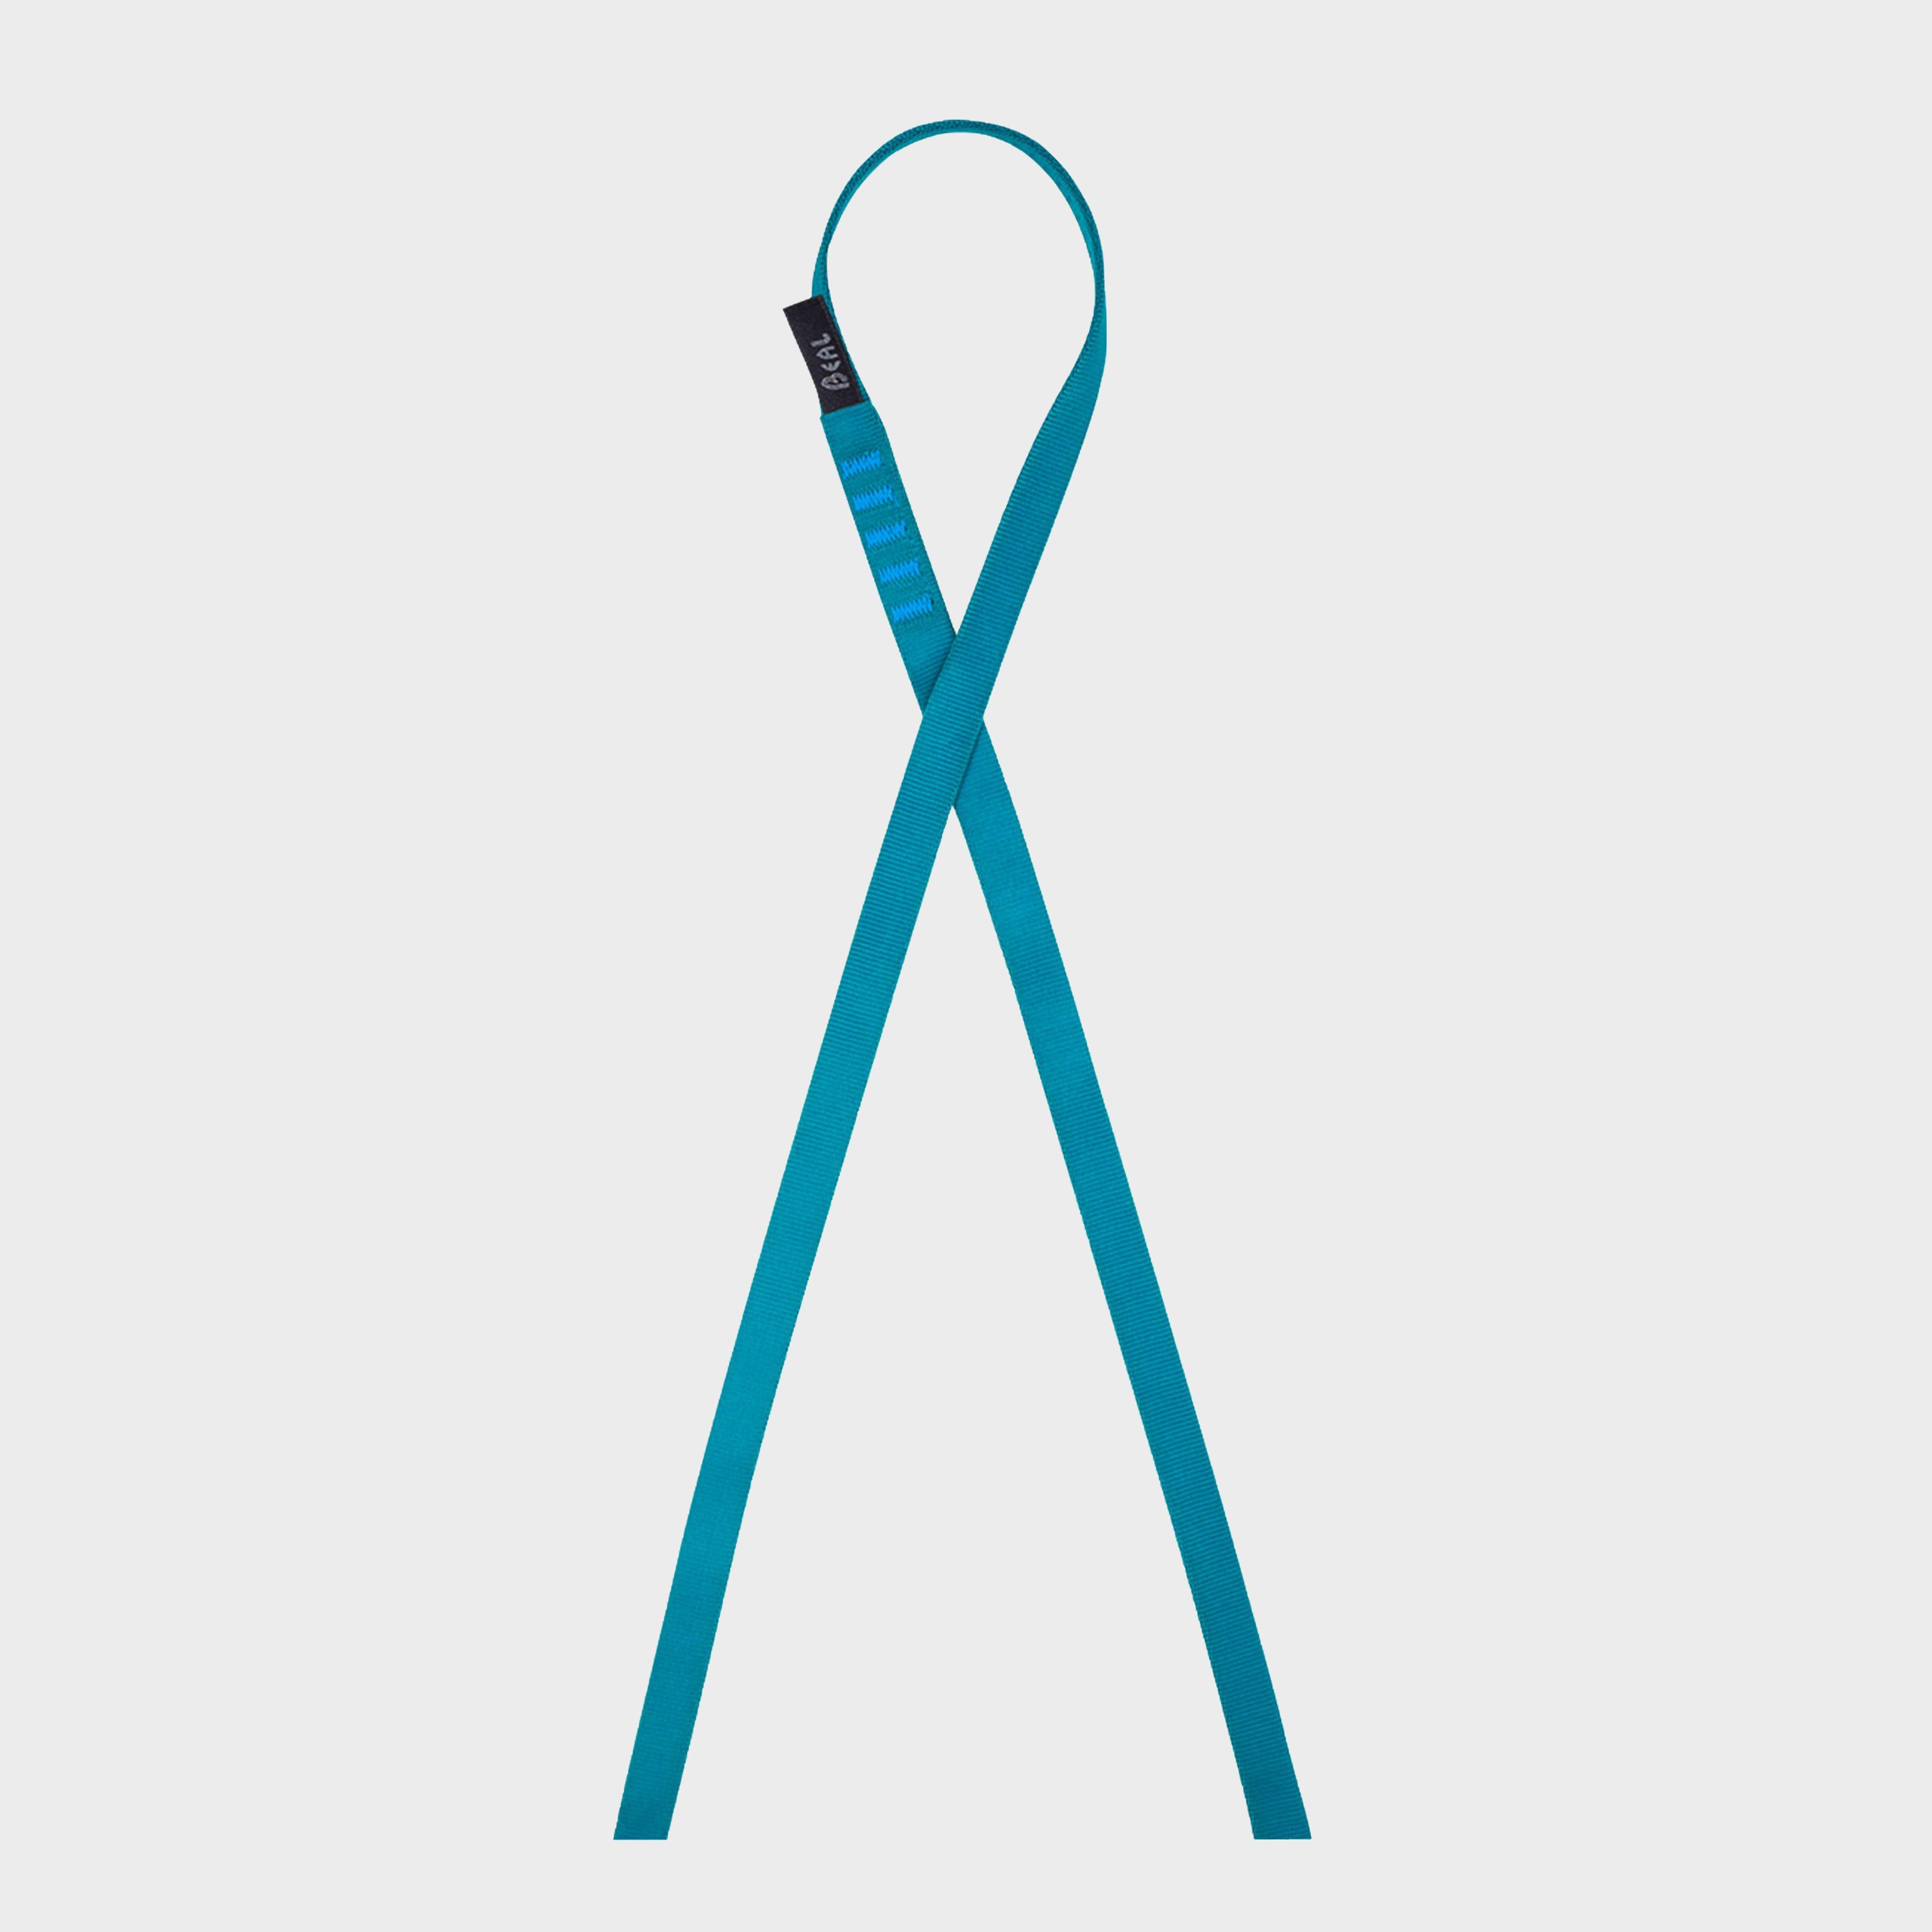 Beal Beal Nylon Sling (60cm x 16mm) - Blue, Blue